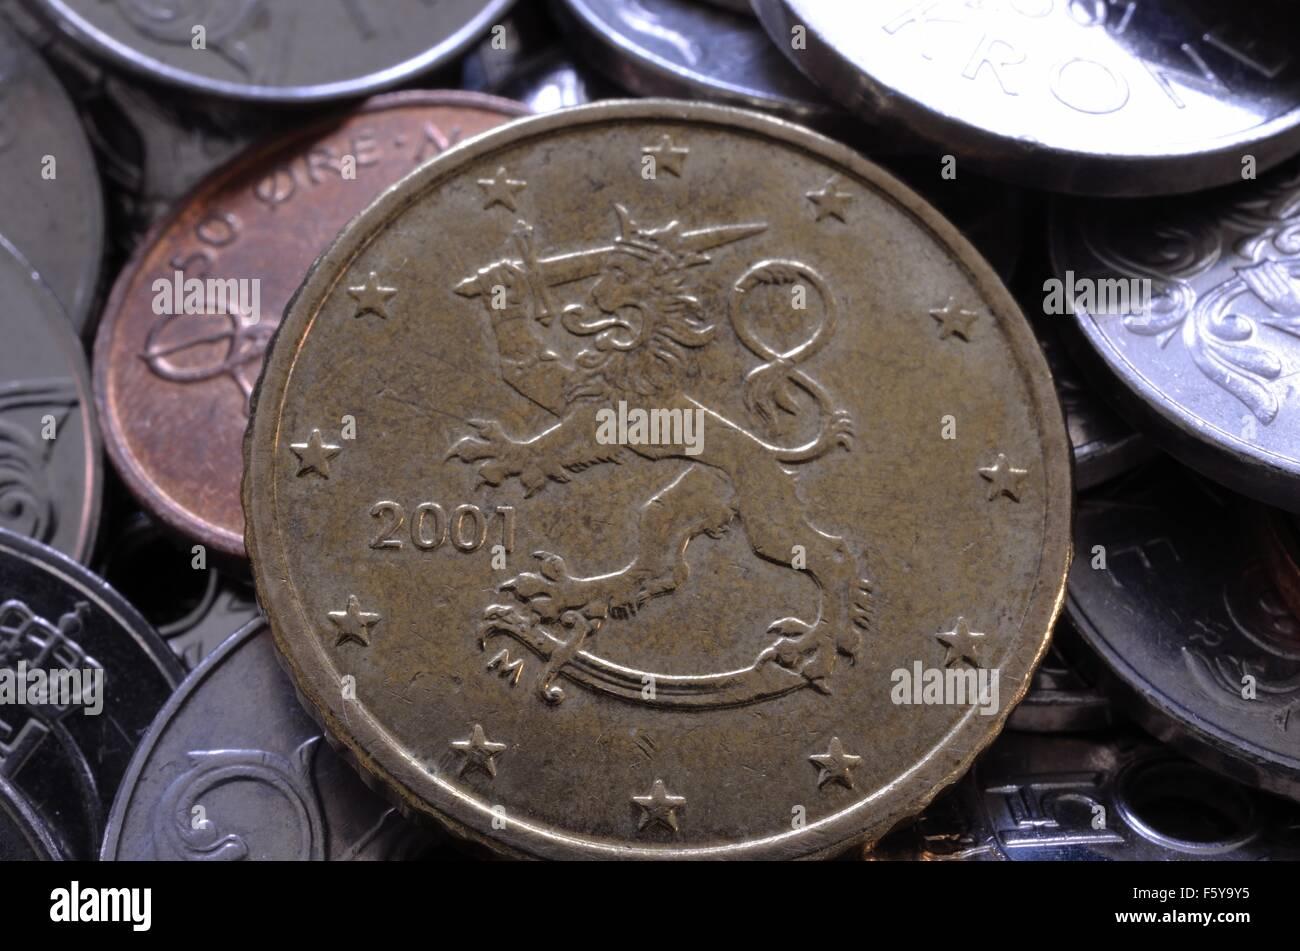 50 Euro Cent Münze Auf Norwegische Eine Krone Und 50 Cent Münzen